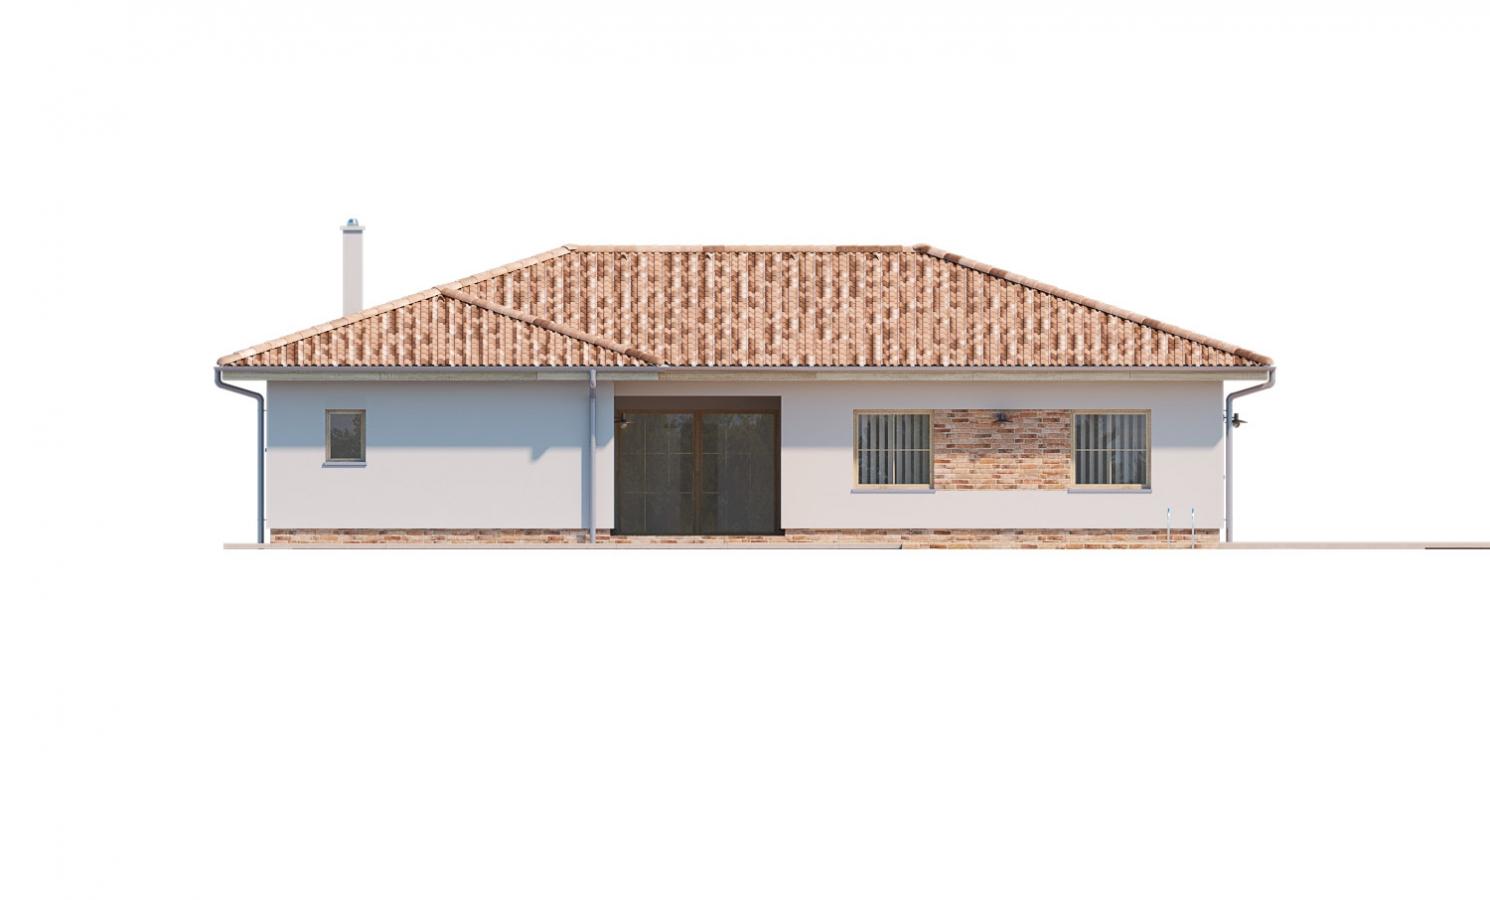 Pohľad 3. - 6 - izbový prízemný dom, do tvaru L, s terasou, ktorá sa dá po malých úpravách využívať celoročne.